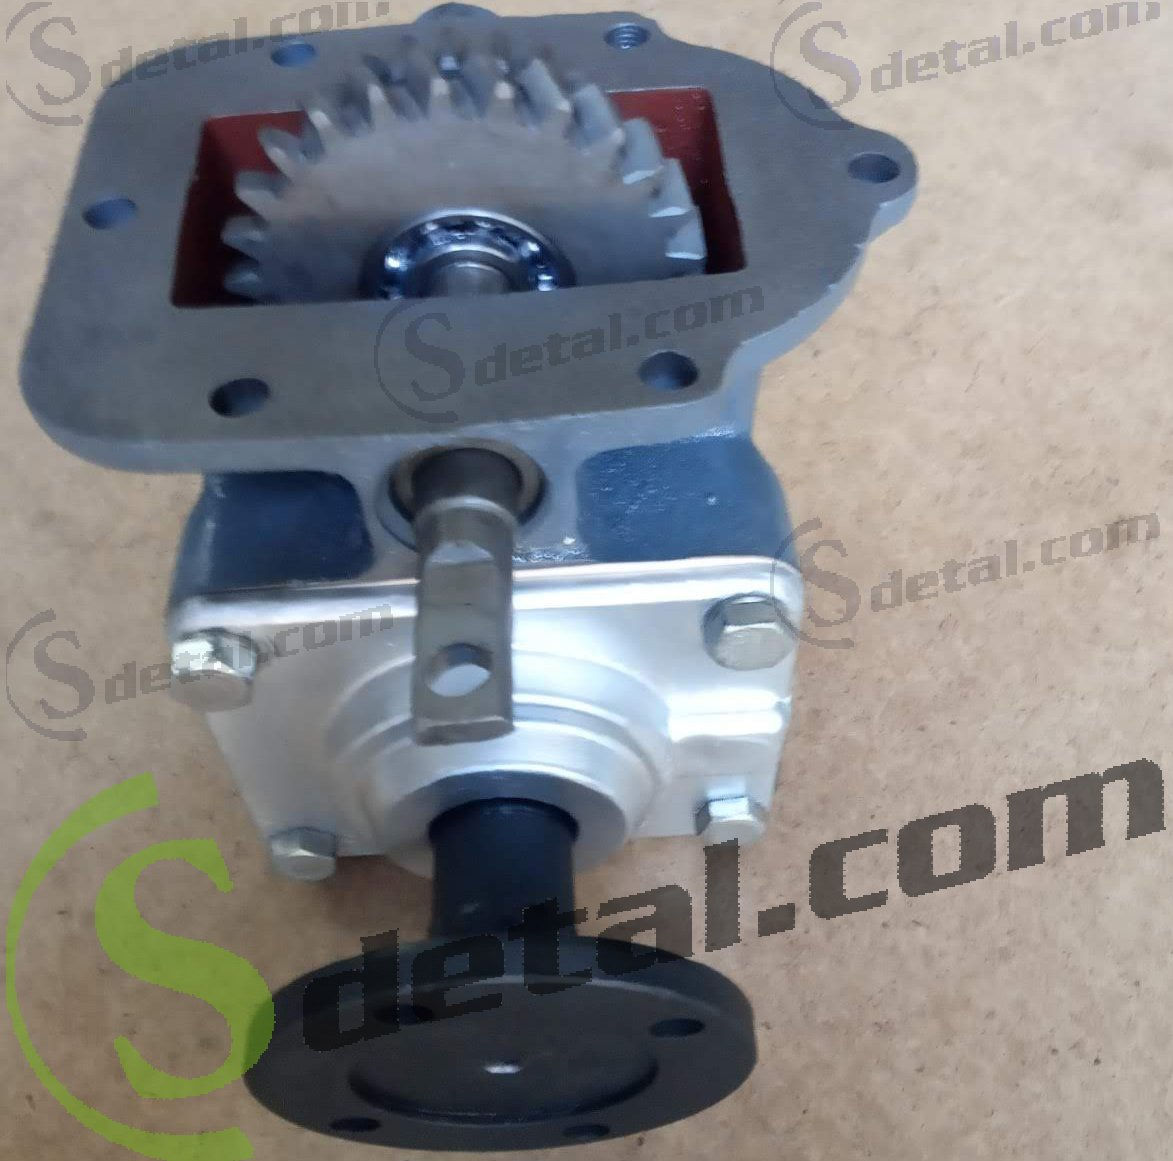 КОМ ГАЗ-53 / 3307 под кардан механическая Коробка отбора мощности под кардан механическая